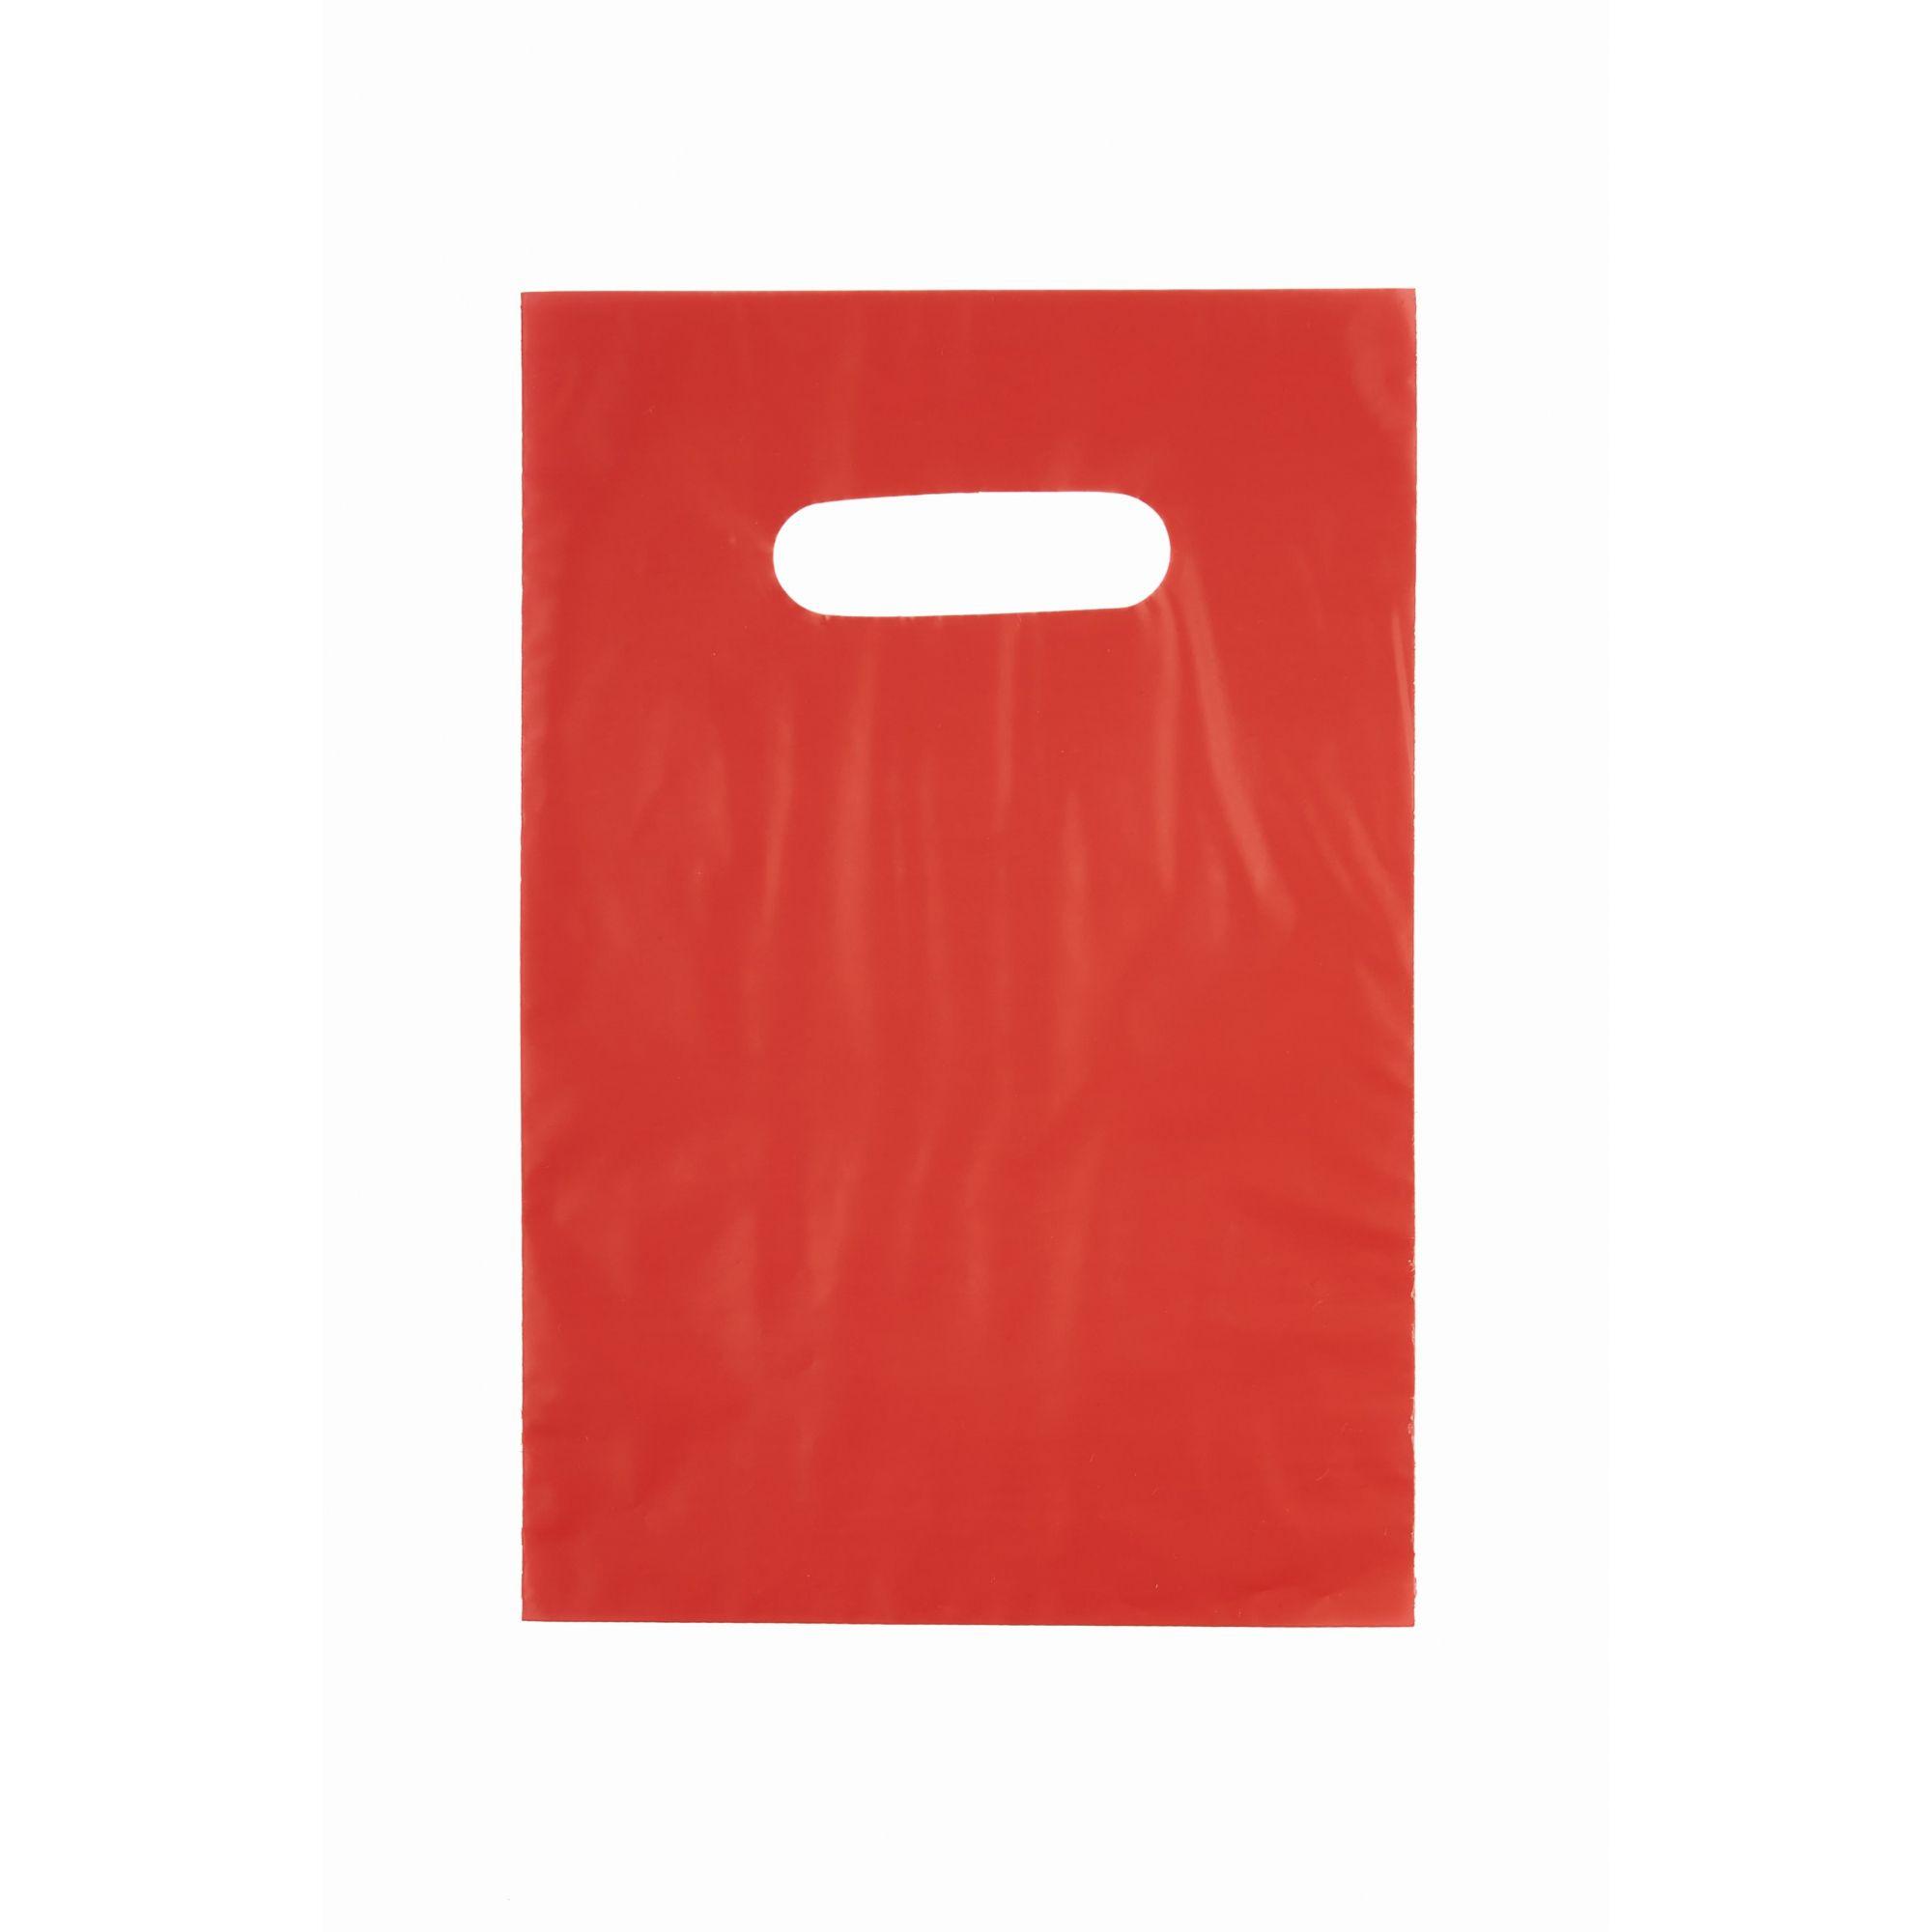 Sacola Plástica 25x35 Vermelha - Alça Boca de Palhaço